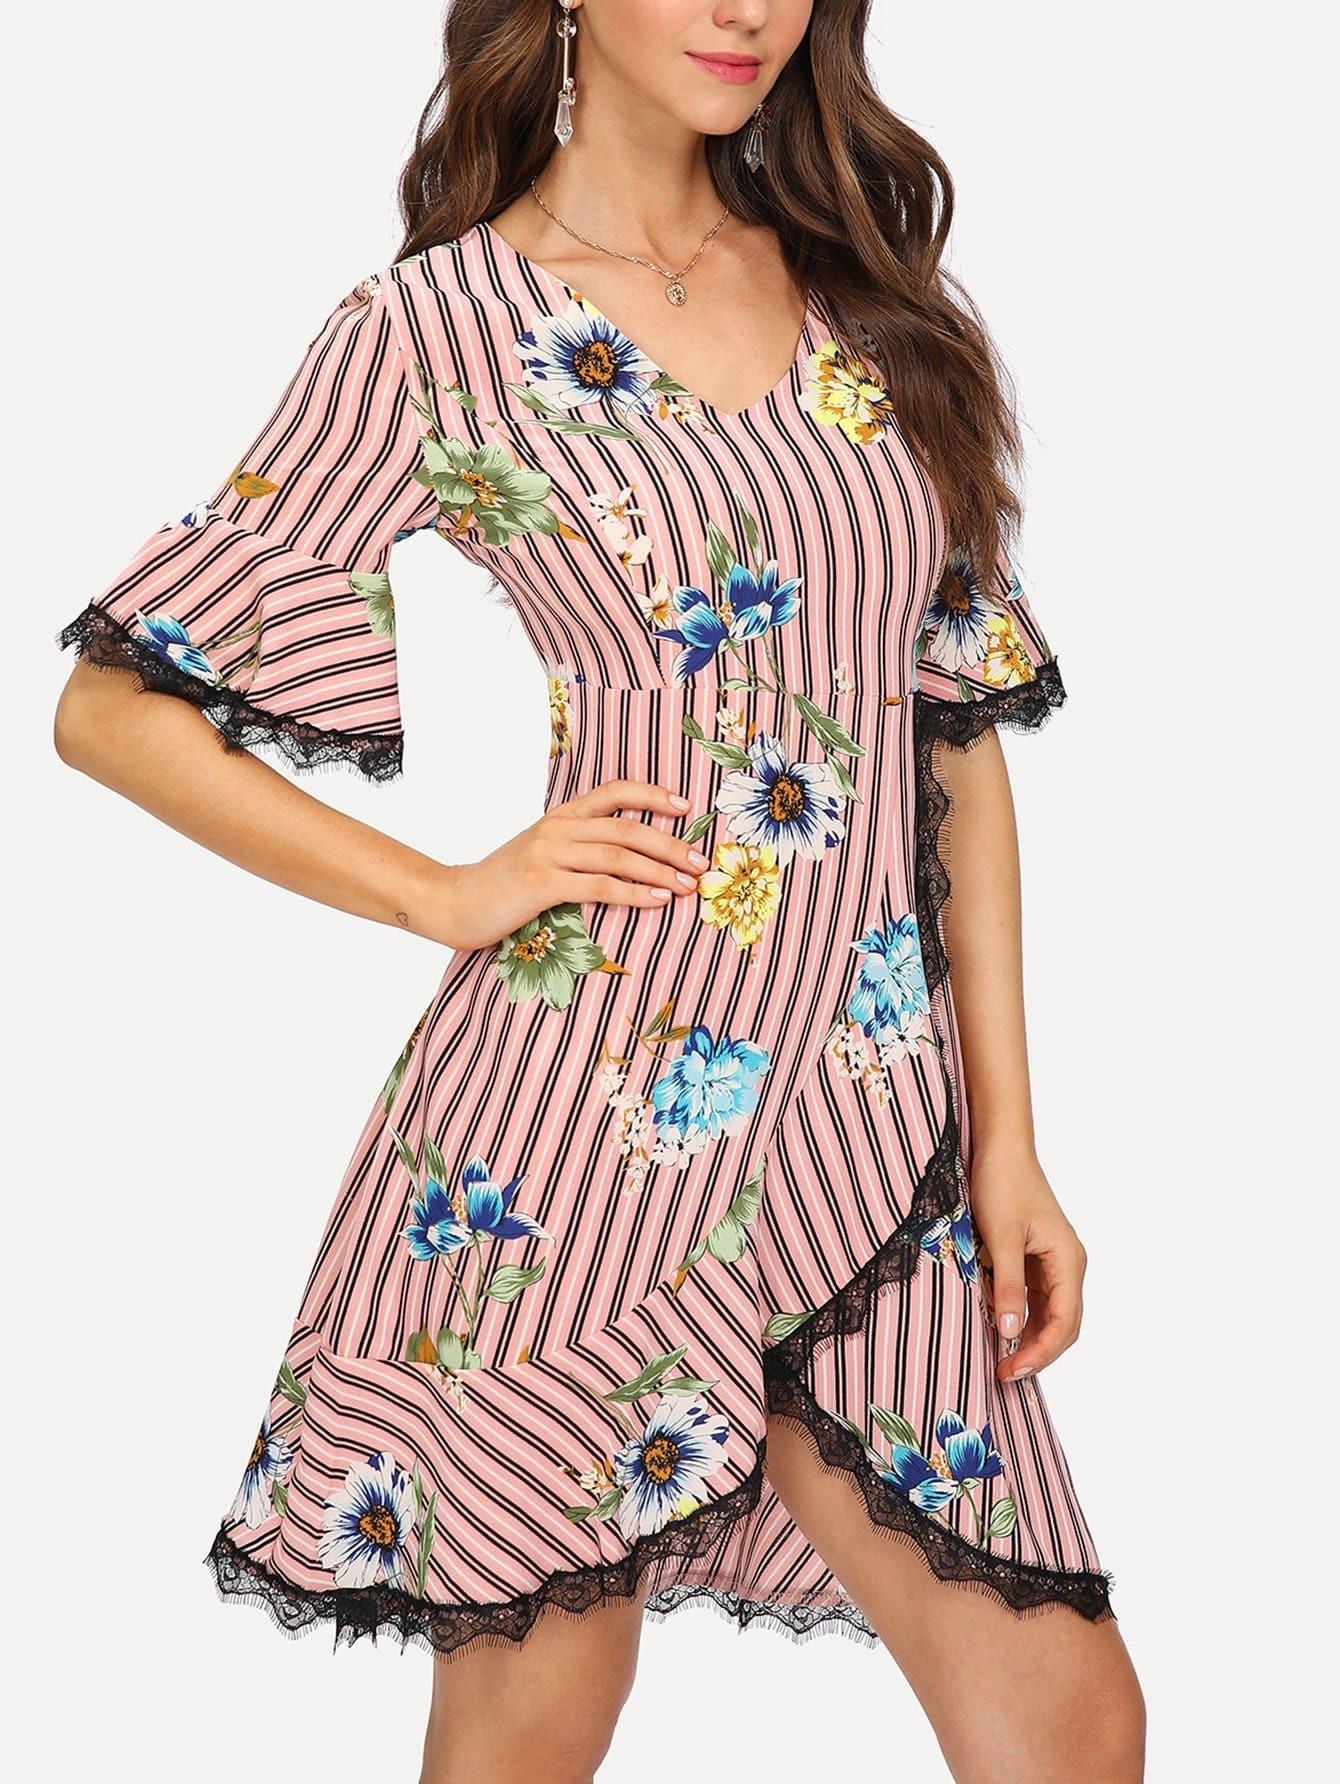 Contrast Lace Trim Floral Print Striped Dress contrast lace striped star print dress